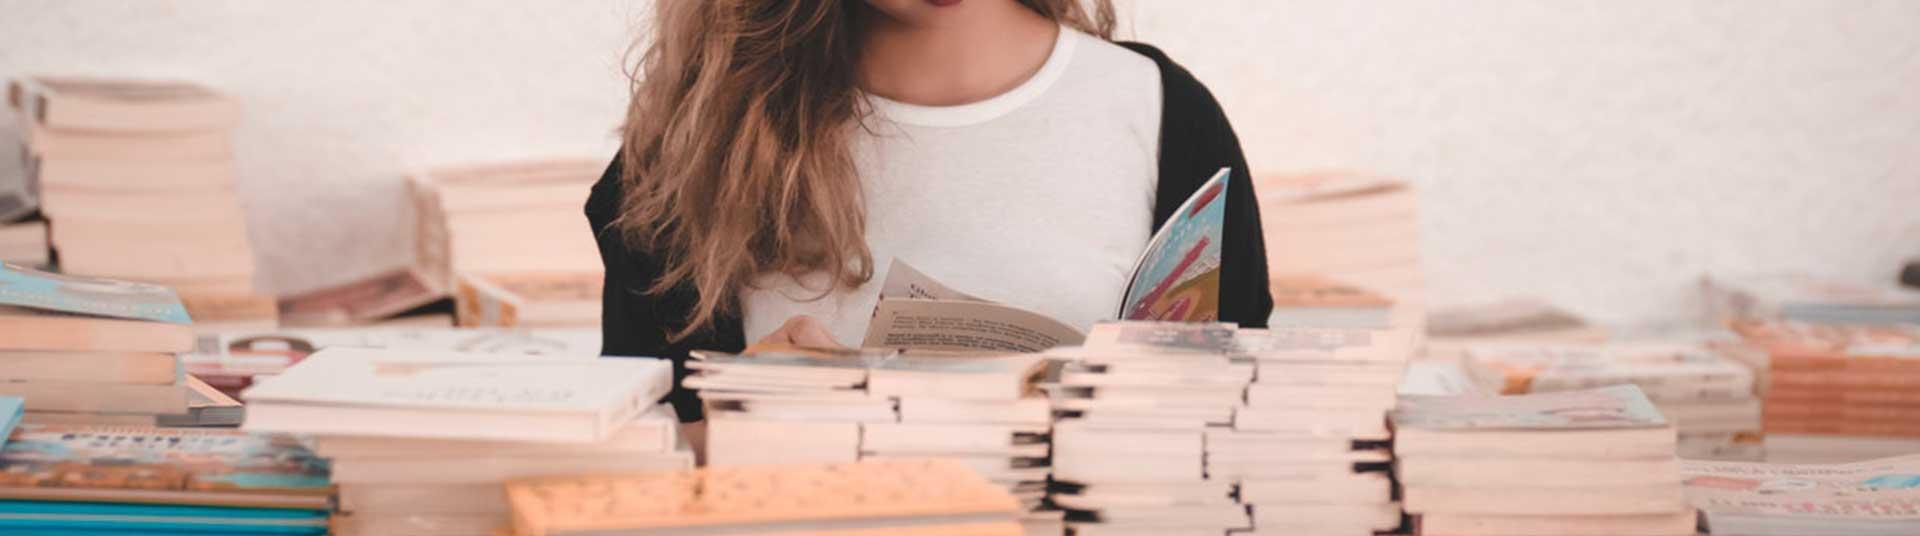 livros-sobre-produtividade